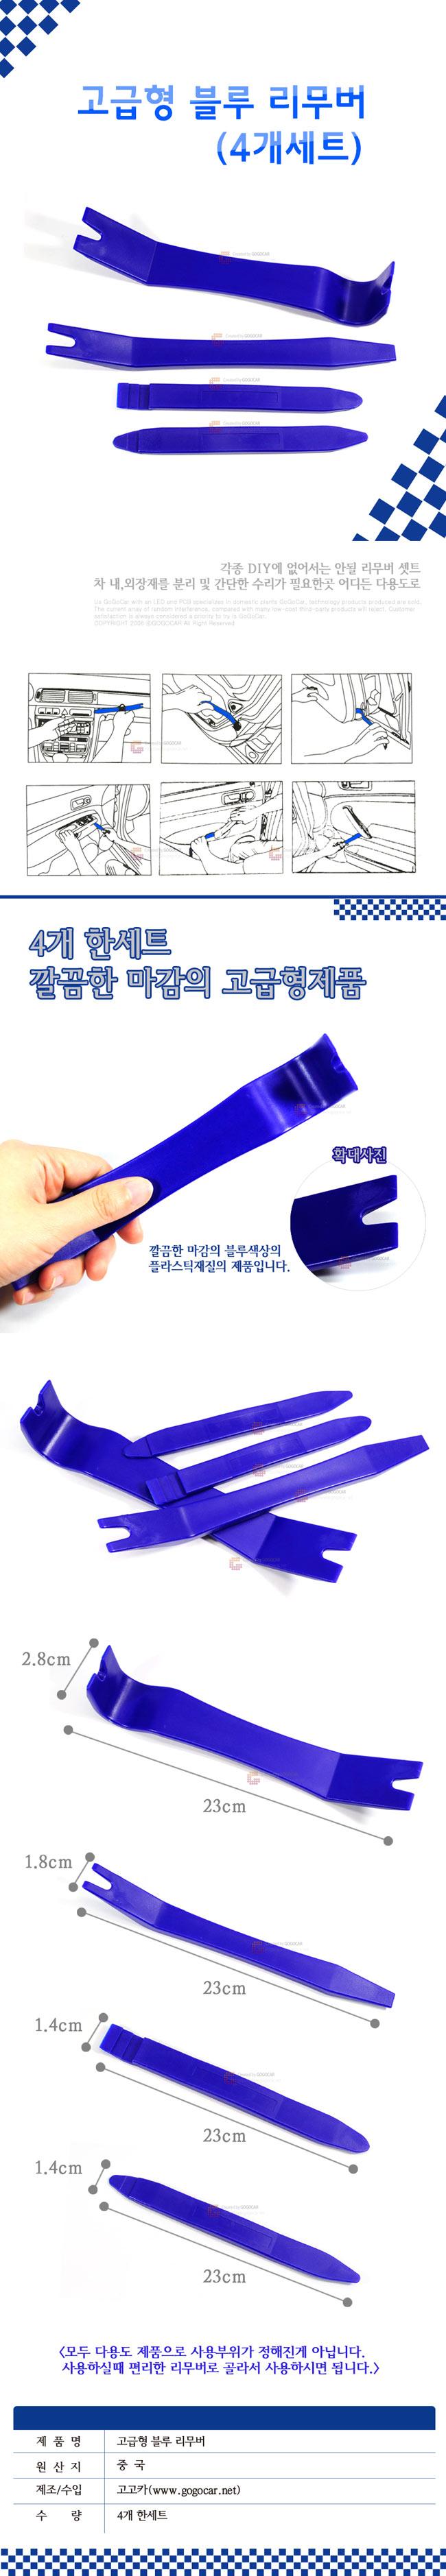 고급형 블루 리무버 (4개 한세트)